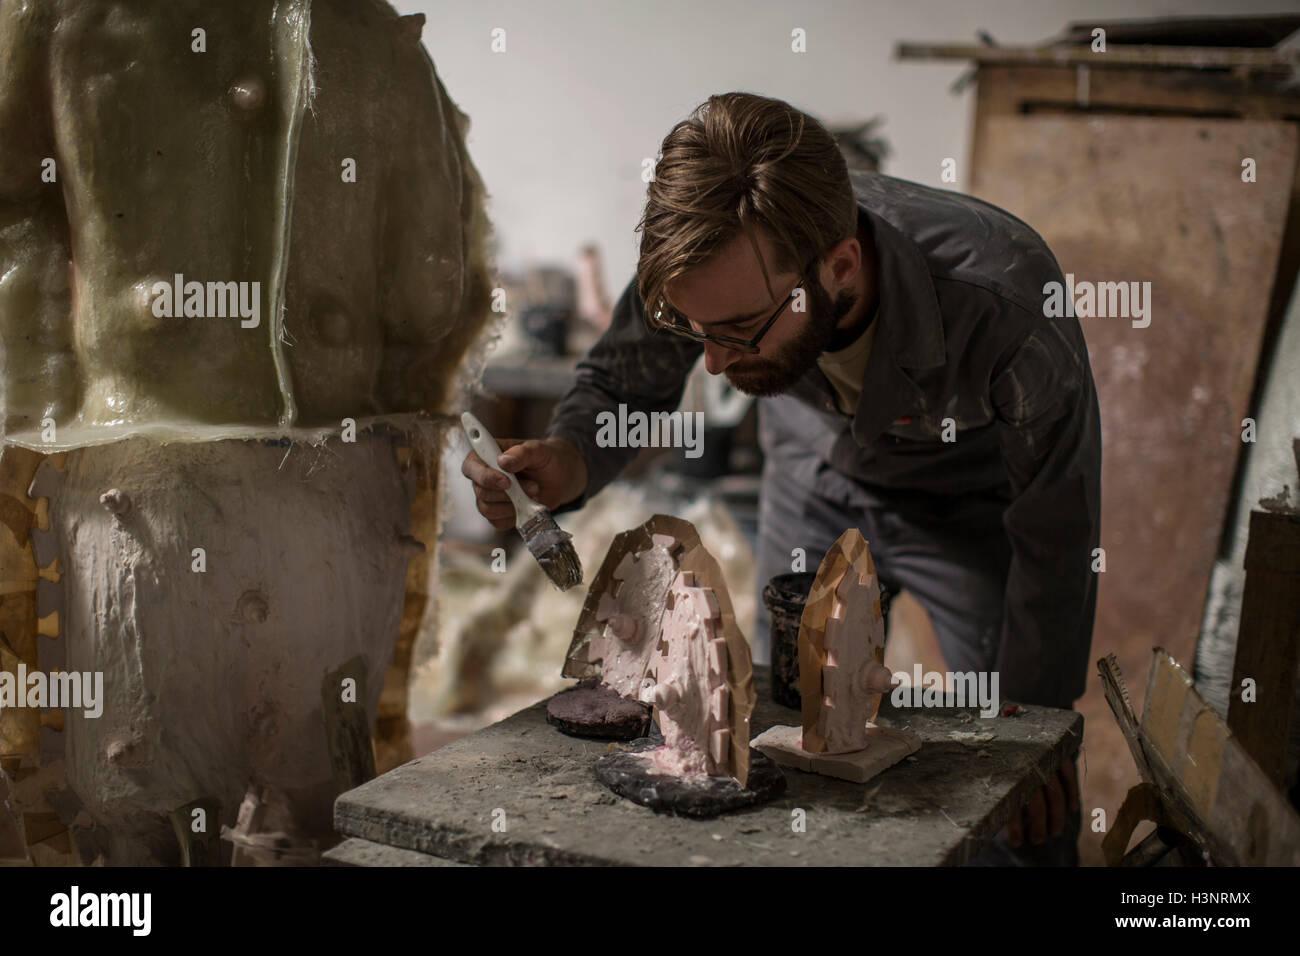 Sculptor in artists' studio creating sculpture - Stock Image